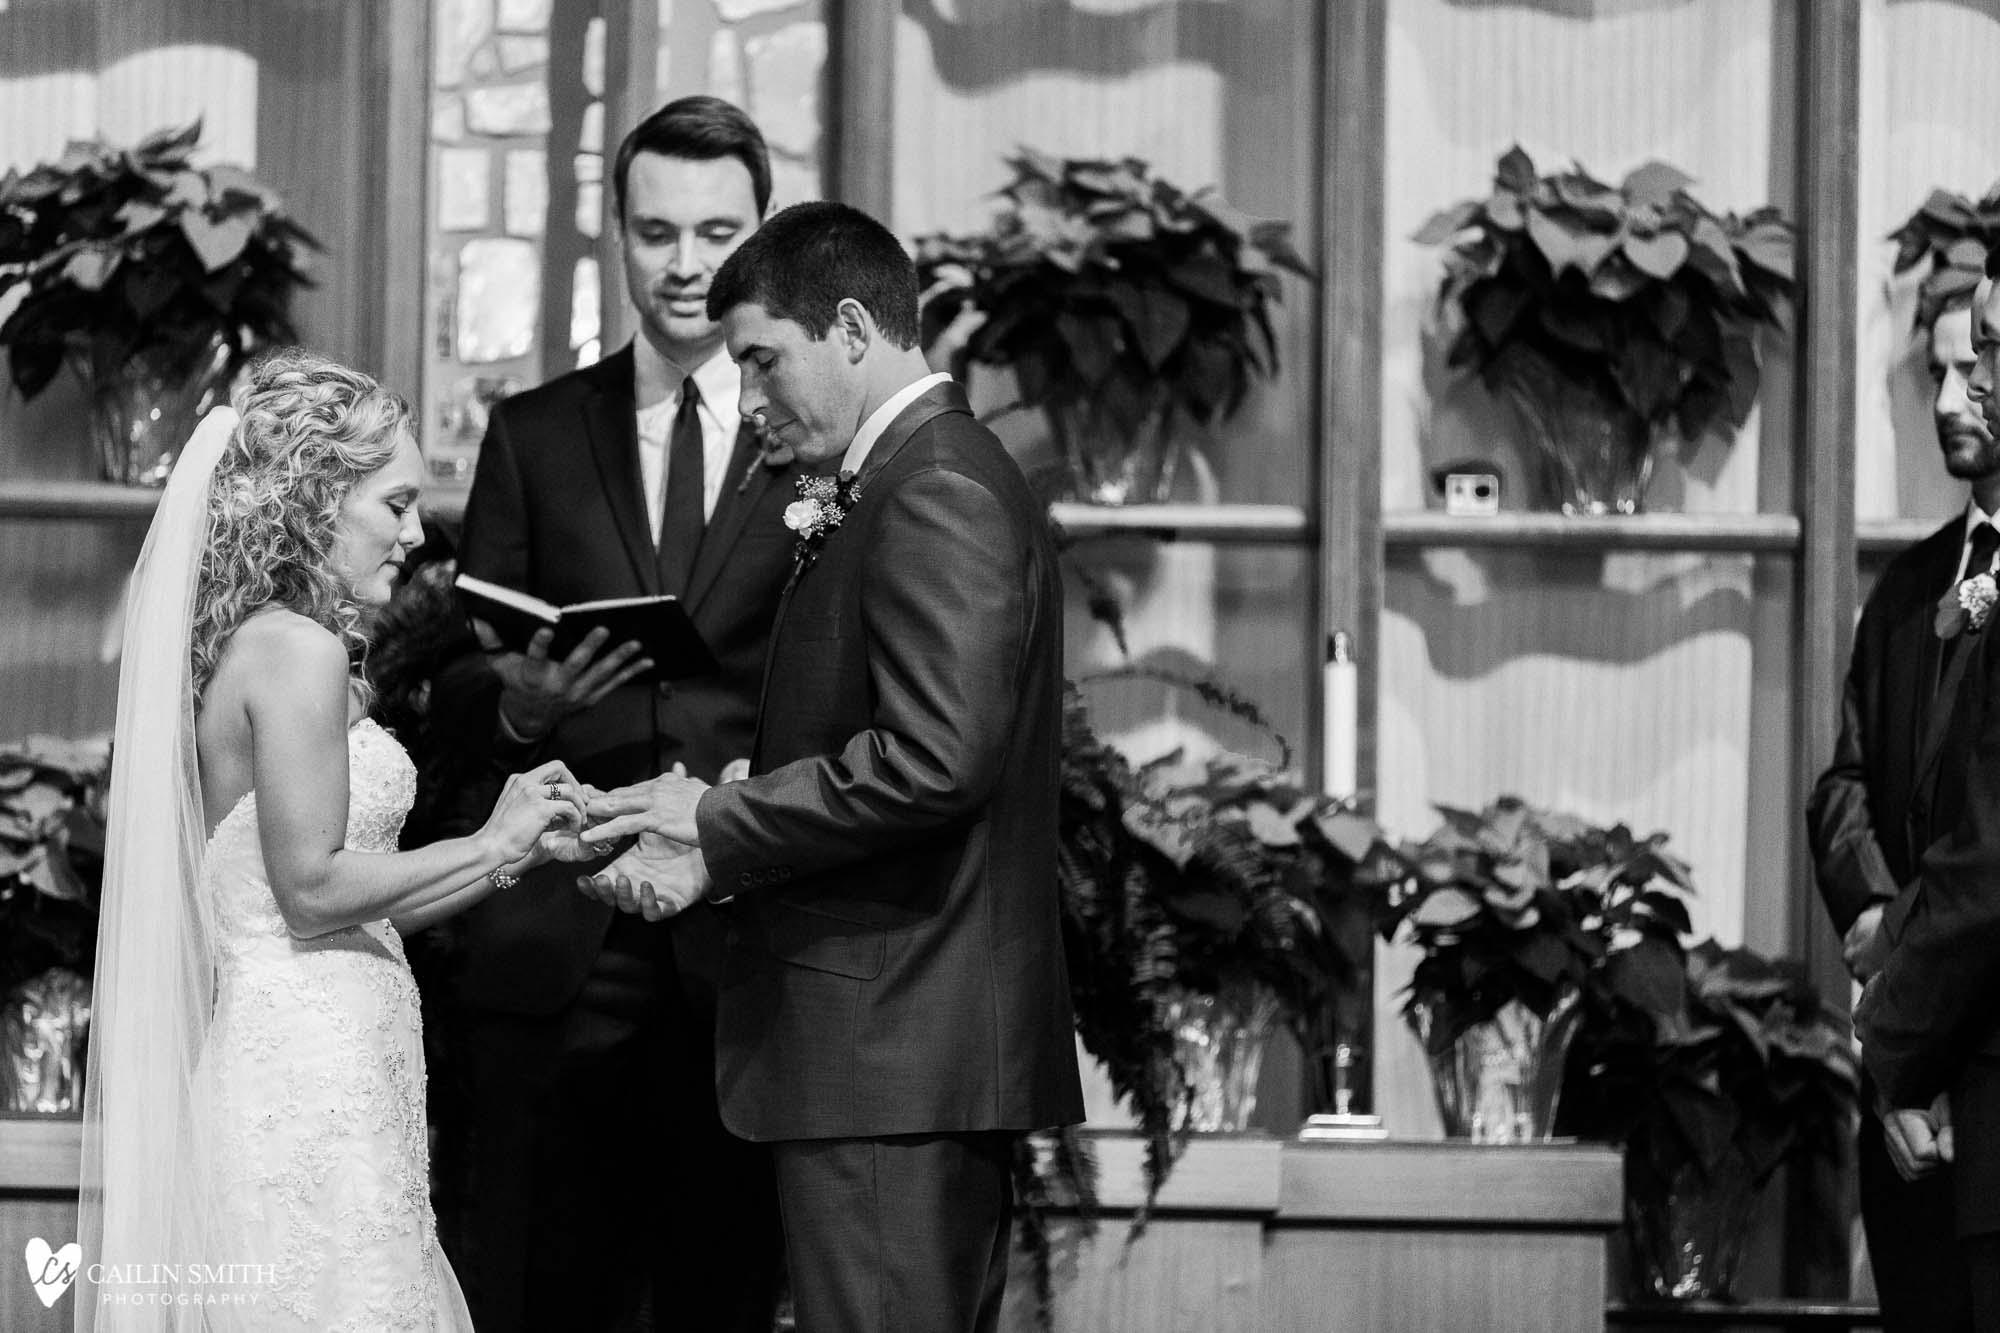 Leah_Major_St_Marys_Wedding_Photography_079.jpg